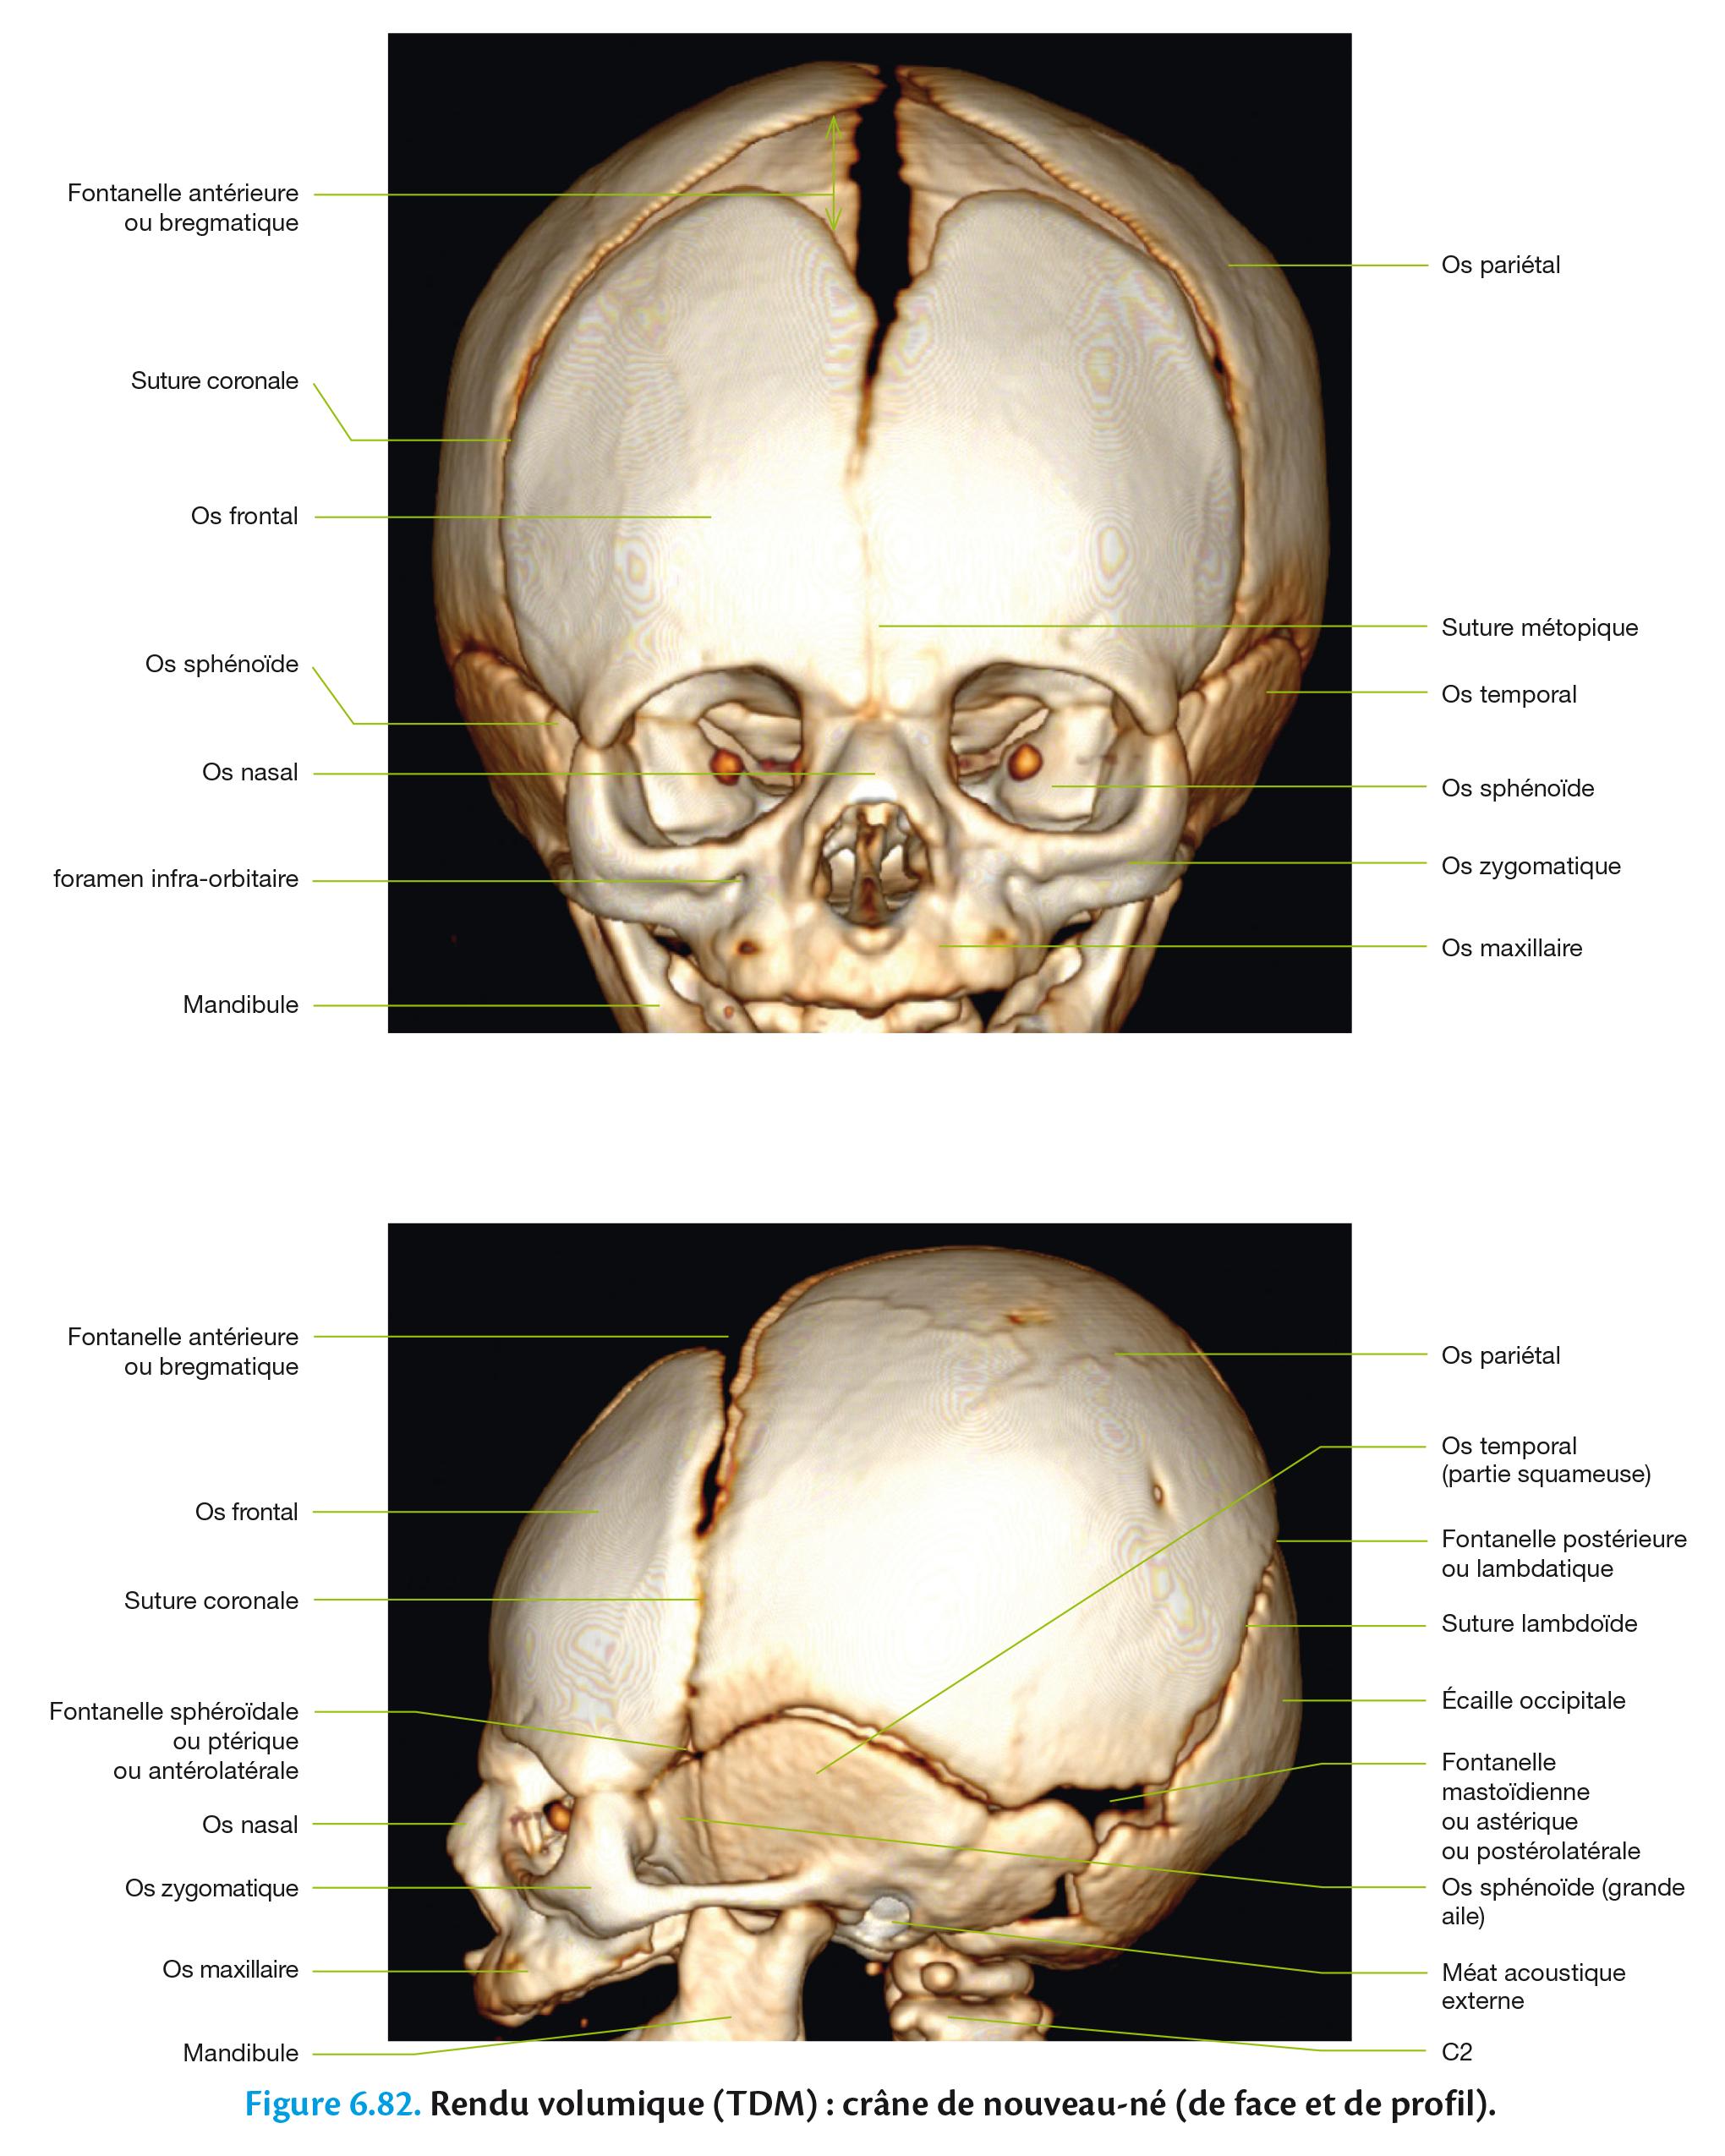 Figure 6.82. Rendu volumique (TDM) : crâne de nouveau-né (de face et de profil).